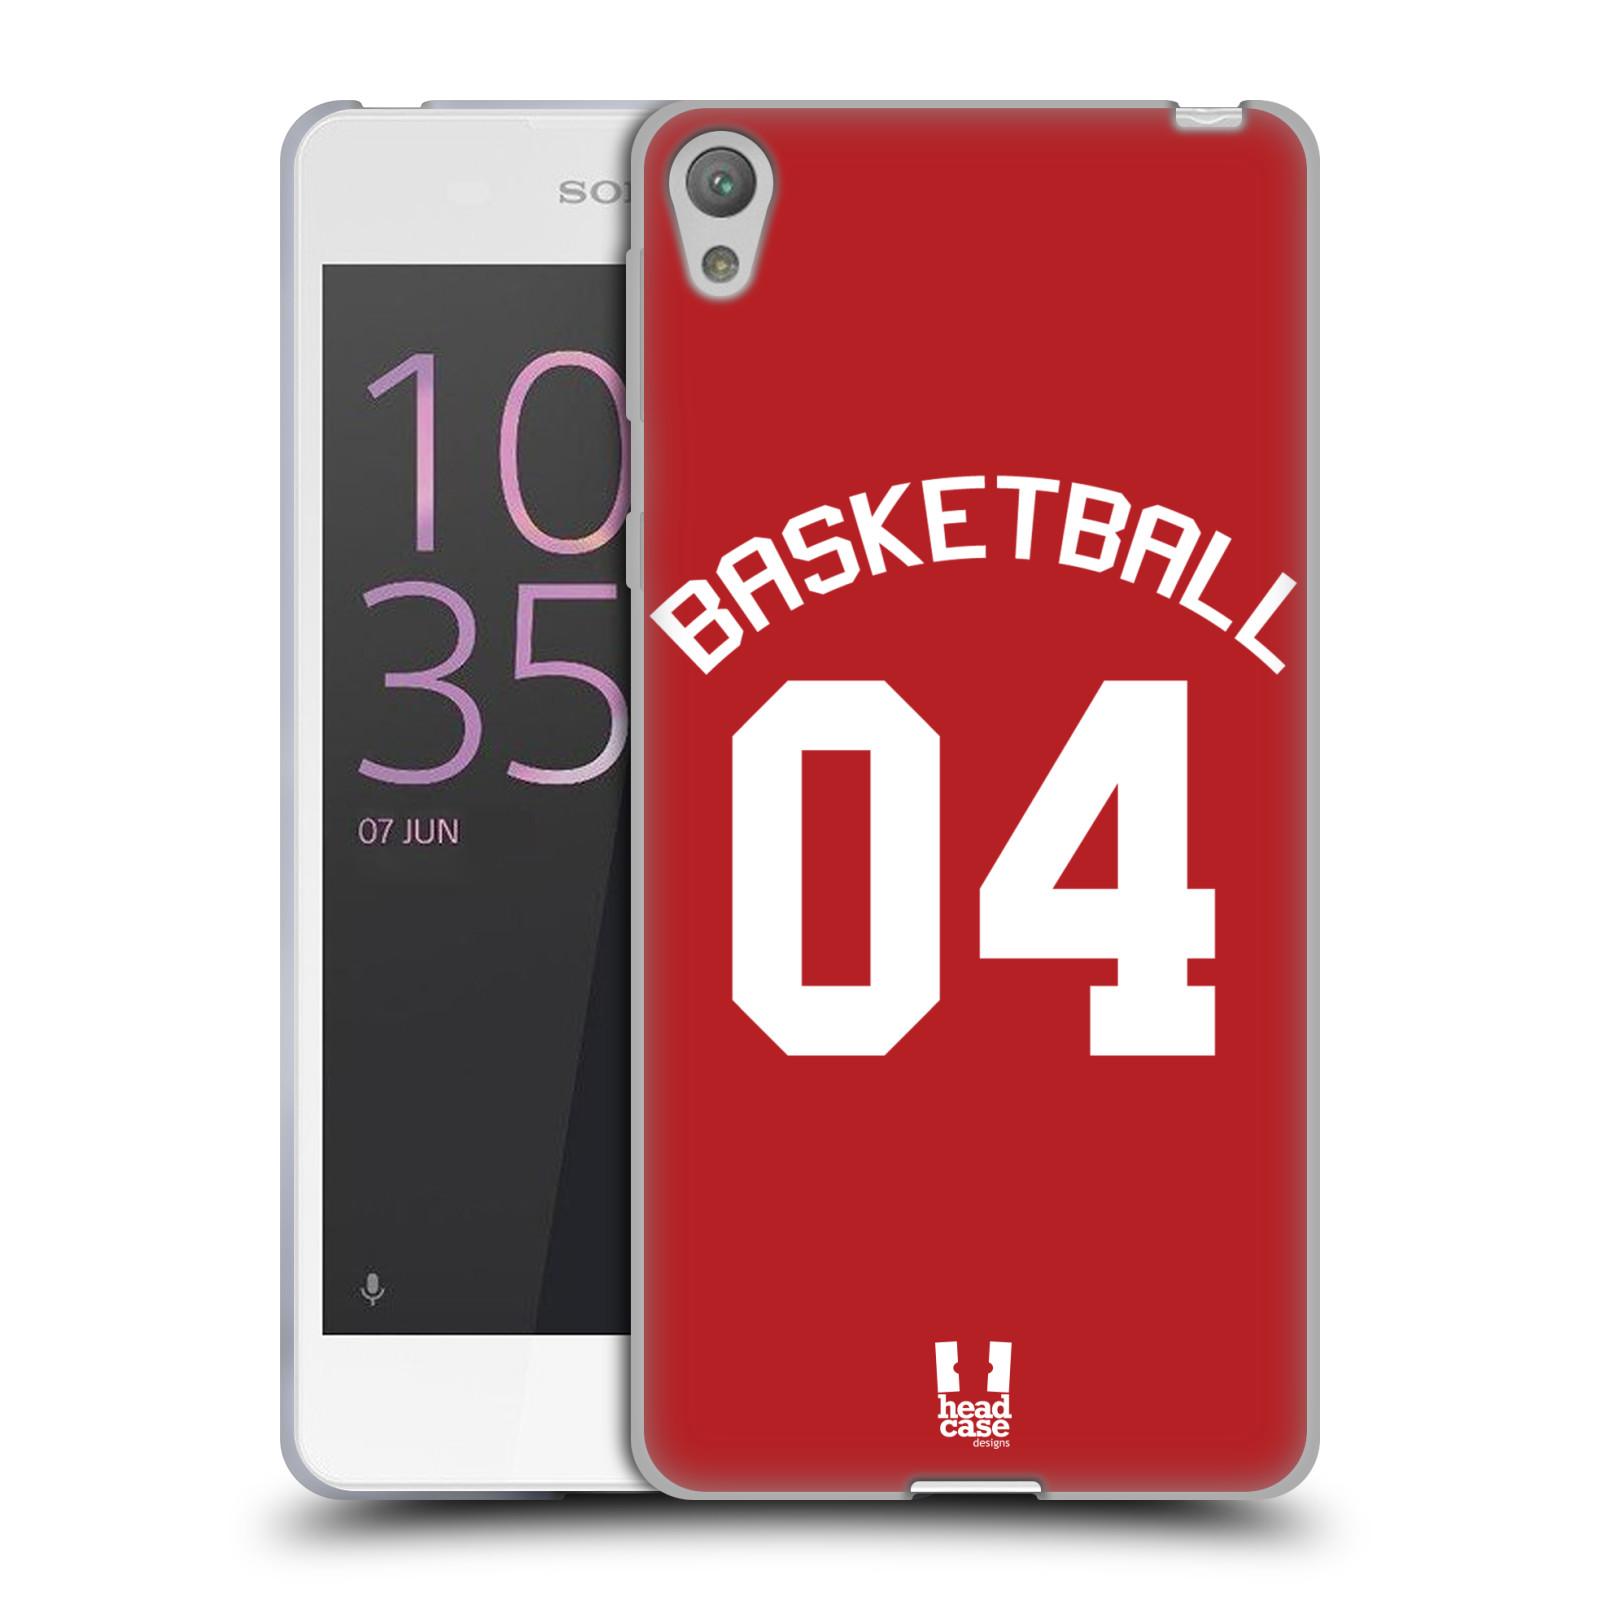 HEAD CASE silikonový obal na mobil Sony Xperia E5 Sportovní dres Basketbal červený